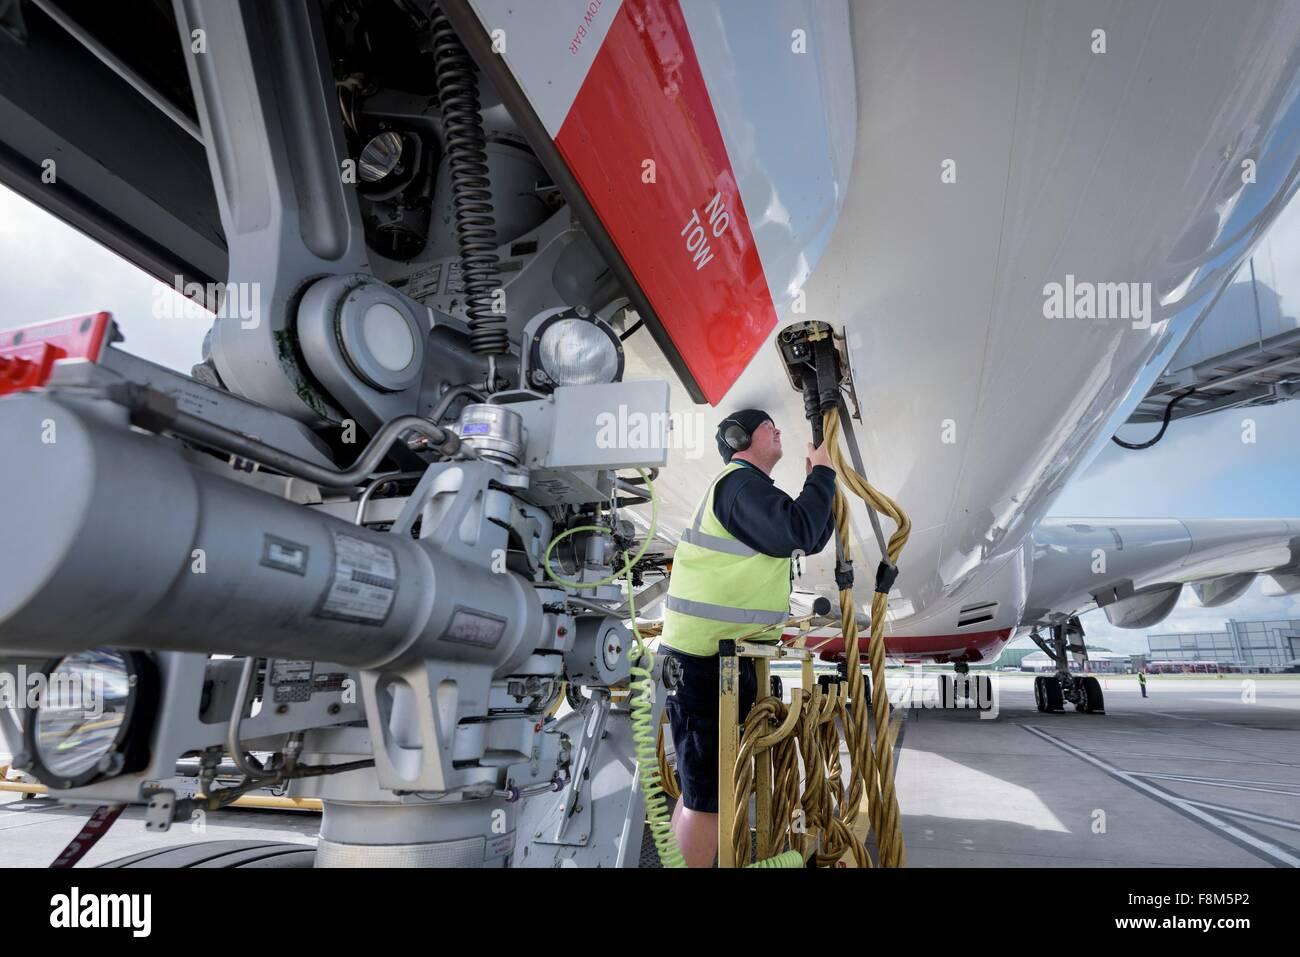 Servicio Ground Crew trabajador con aviones A380 Imagen De Stock